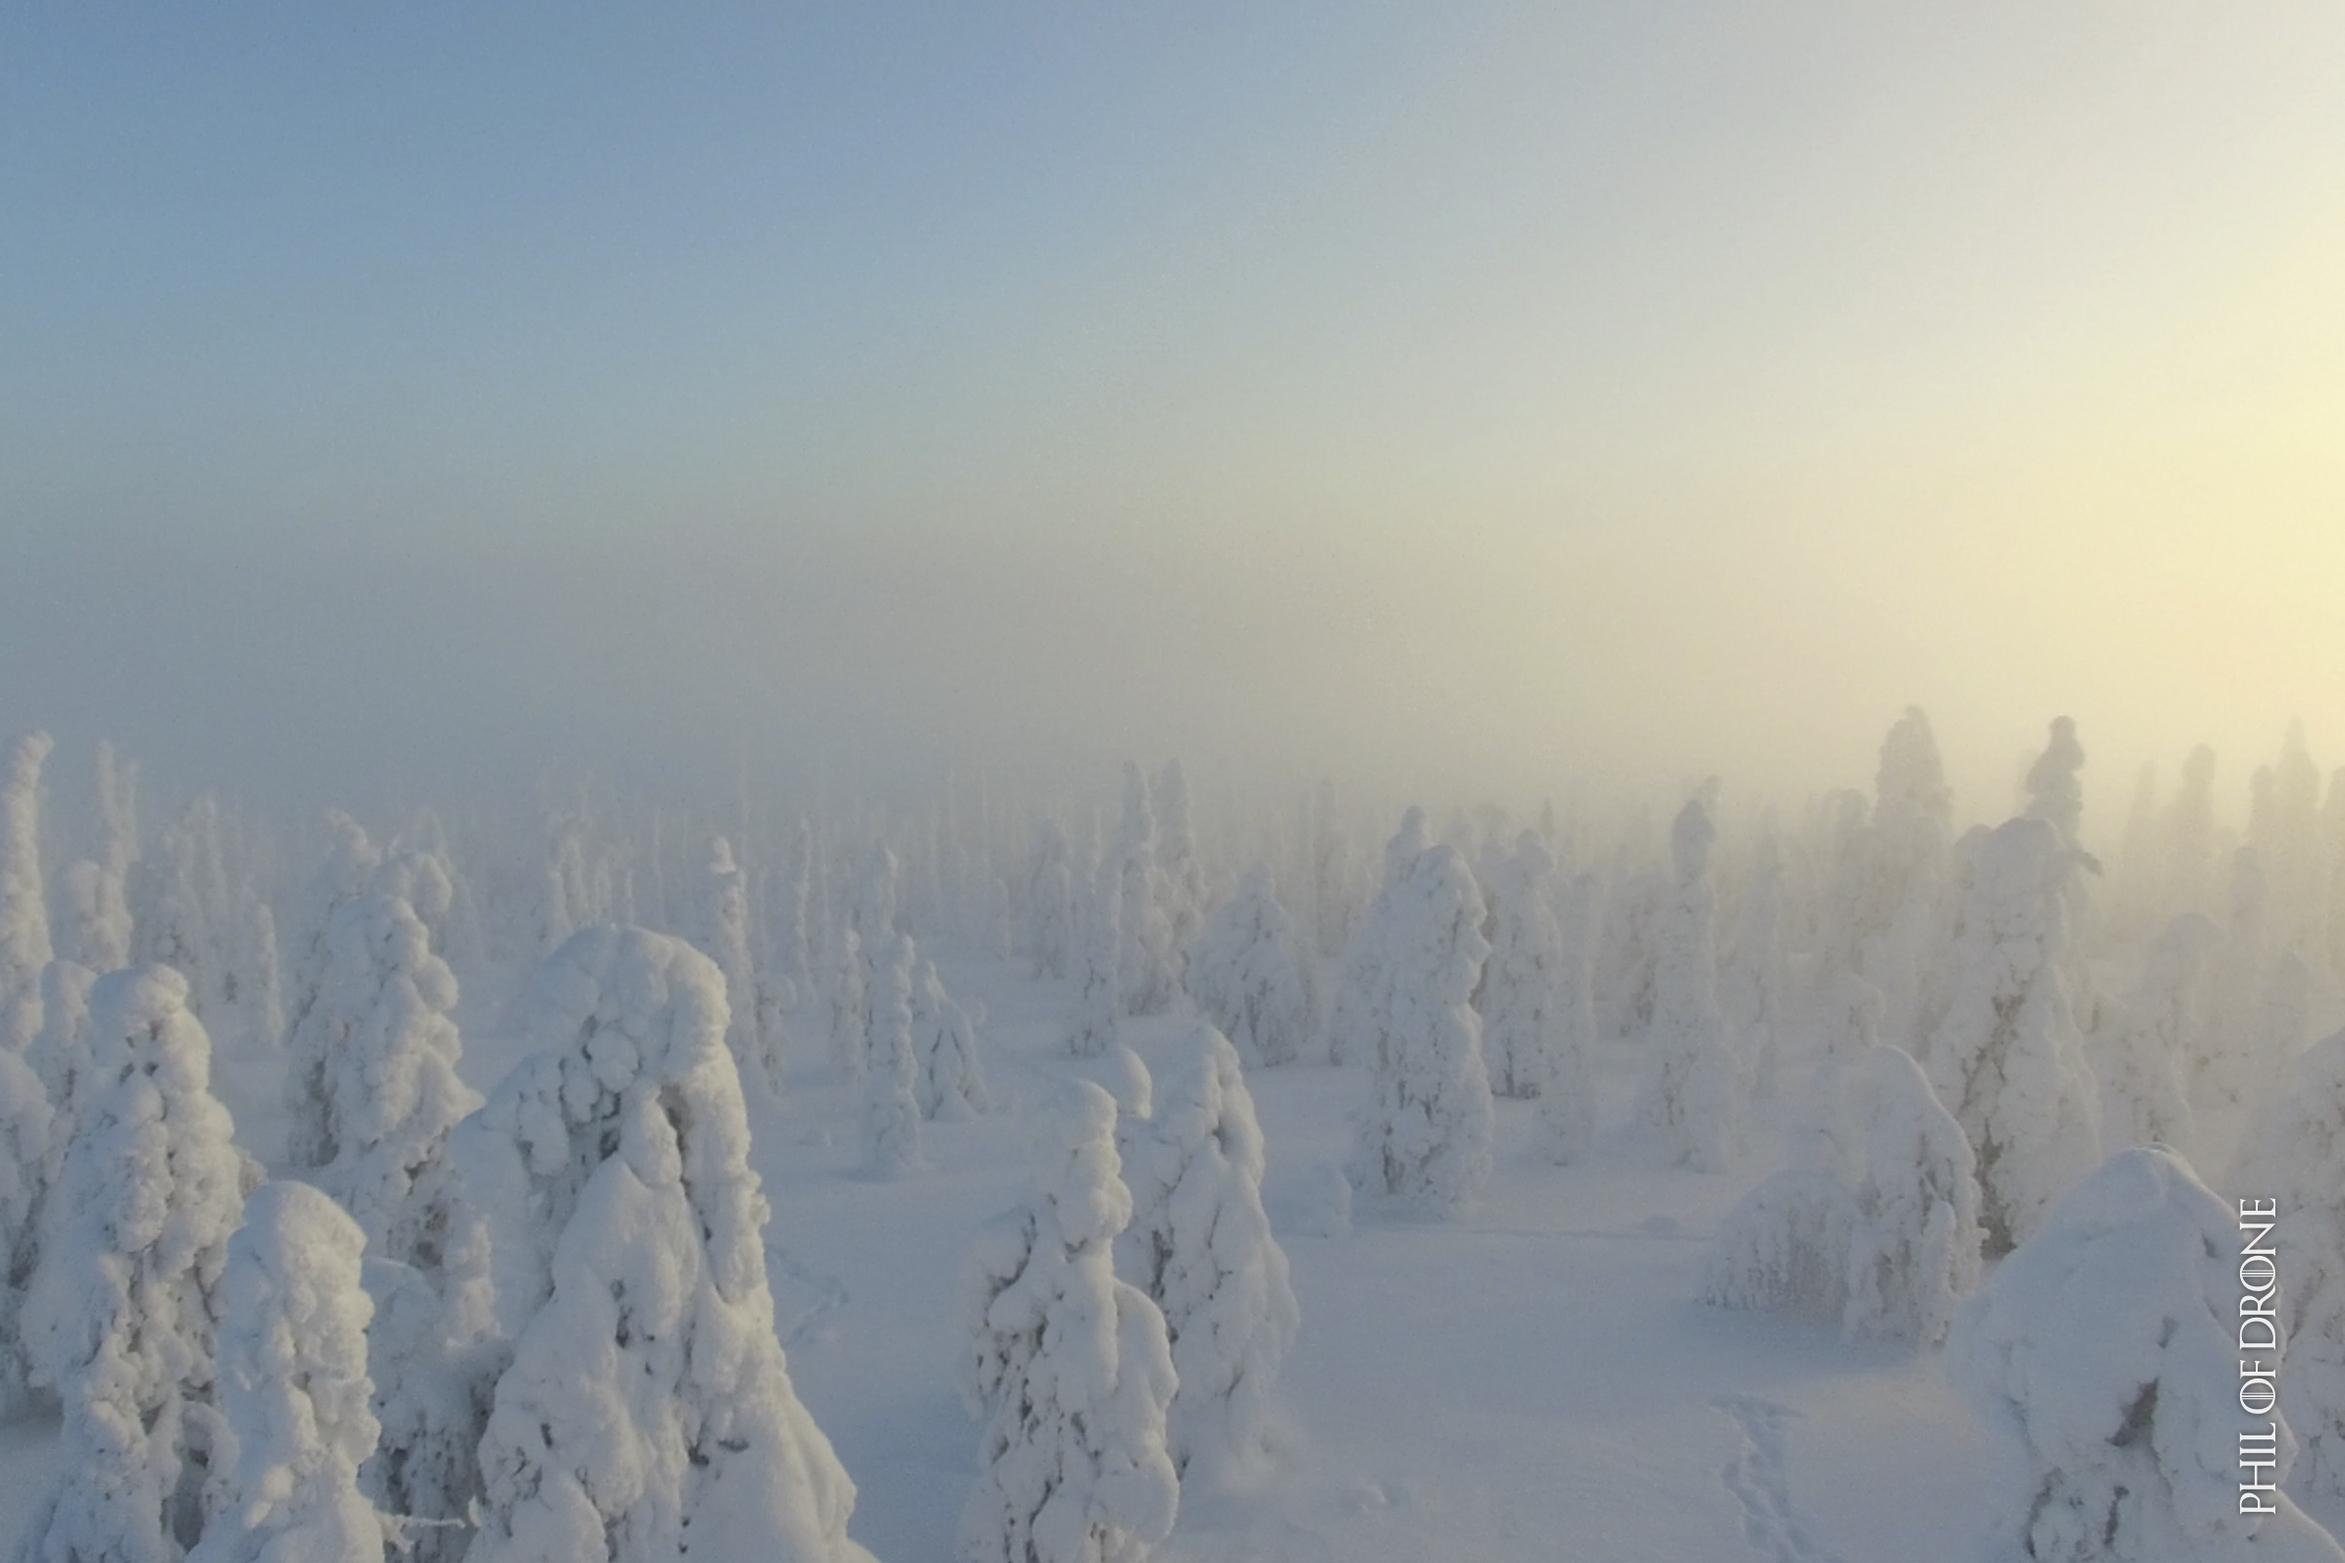 Phil-Finlande 6.jpg